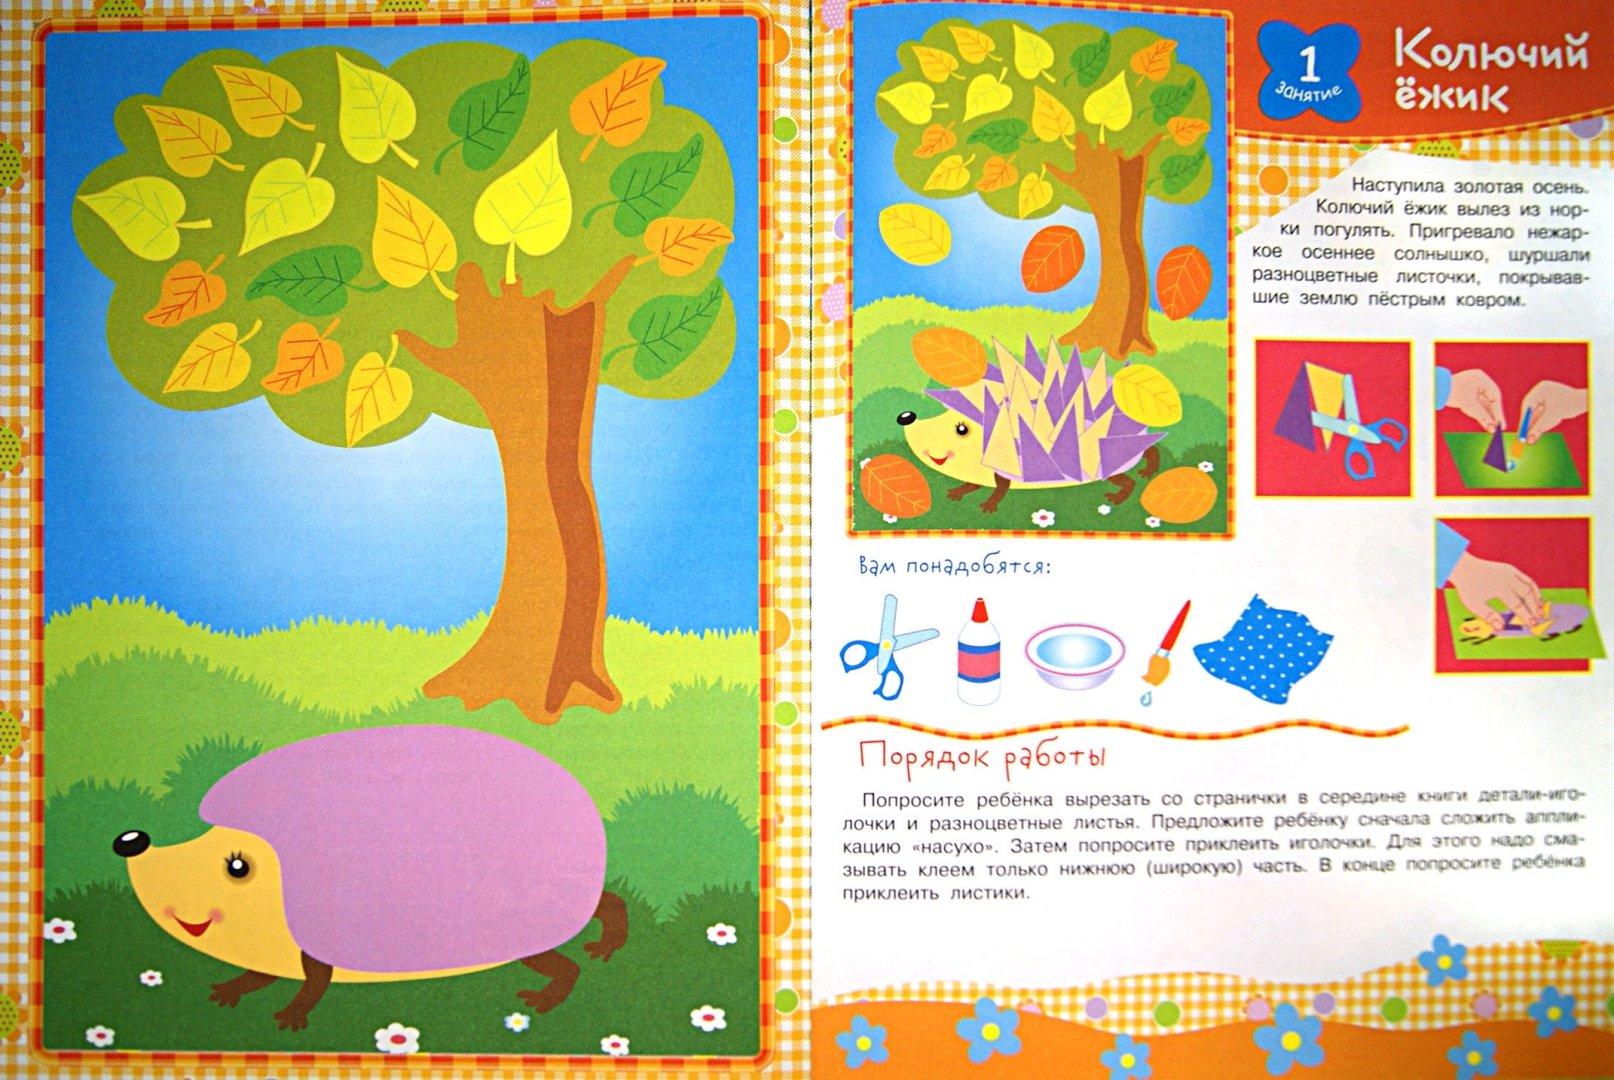 Иллюстрация 1 из 34 для Уроки творчества. Для детей 5-7 лет. Выпуск 2 | Лабиринт - книги. Источник: Лабиринт